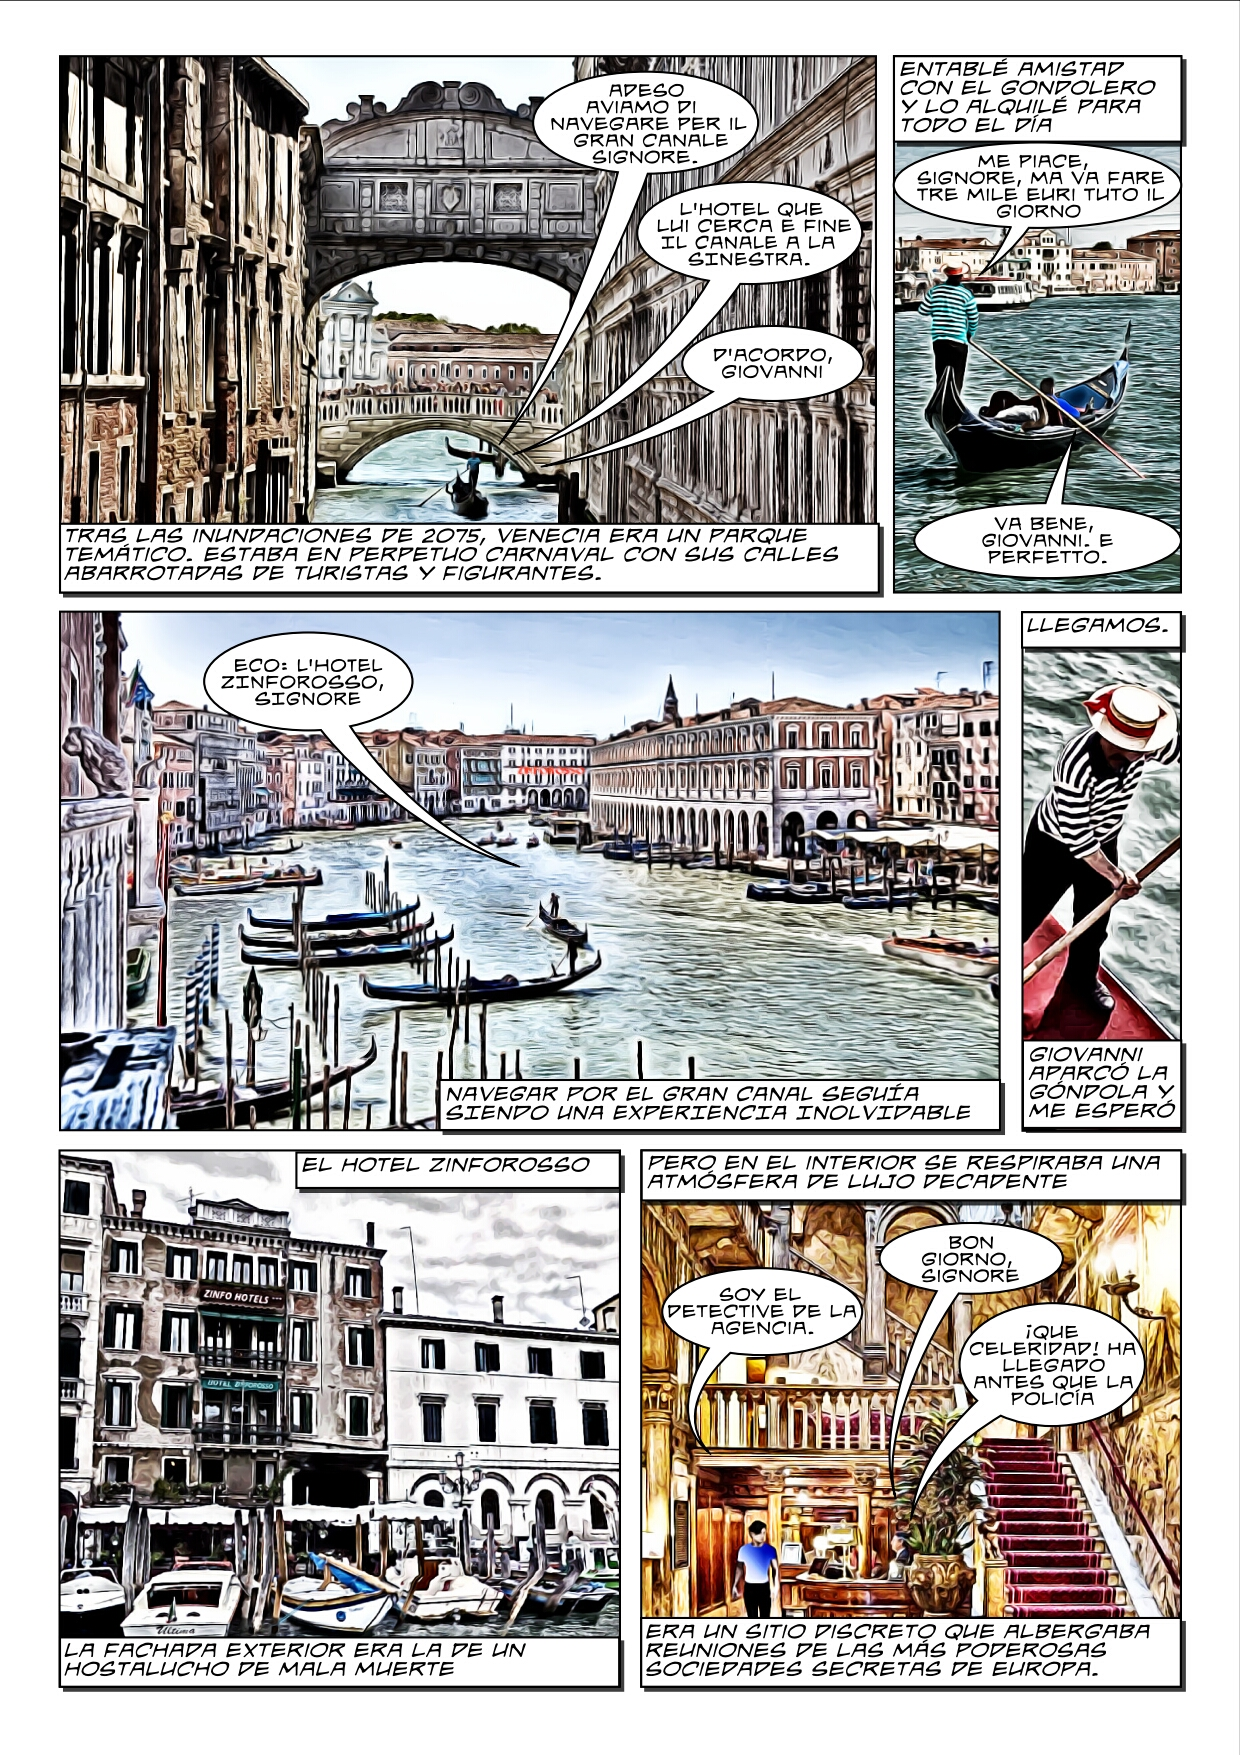 Doble muerte en Venecia, por Eloy Caballero, página 3